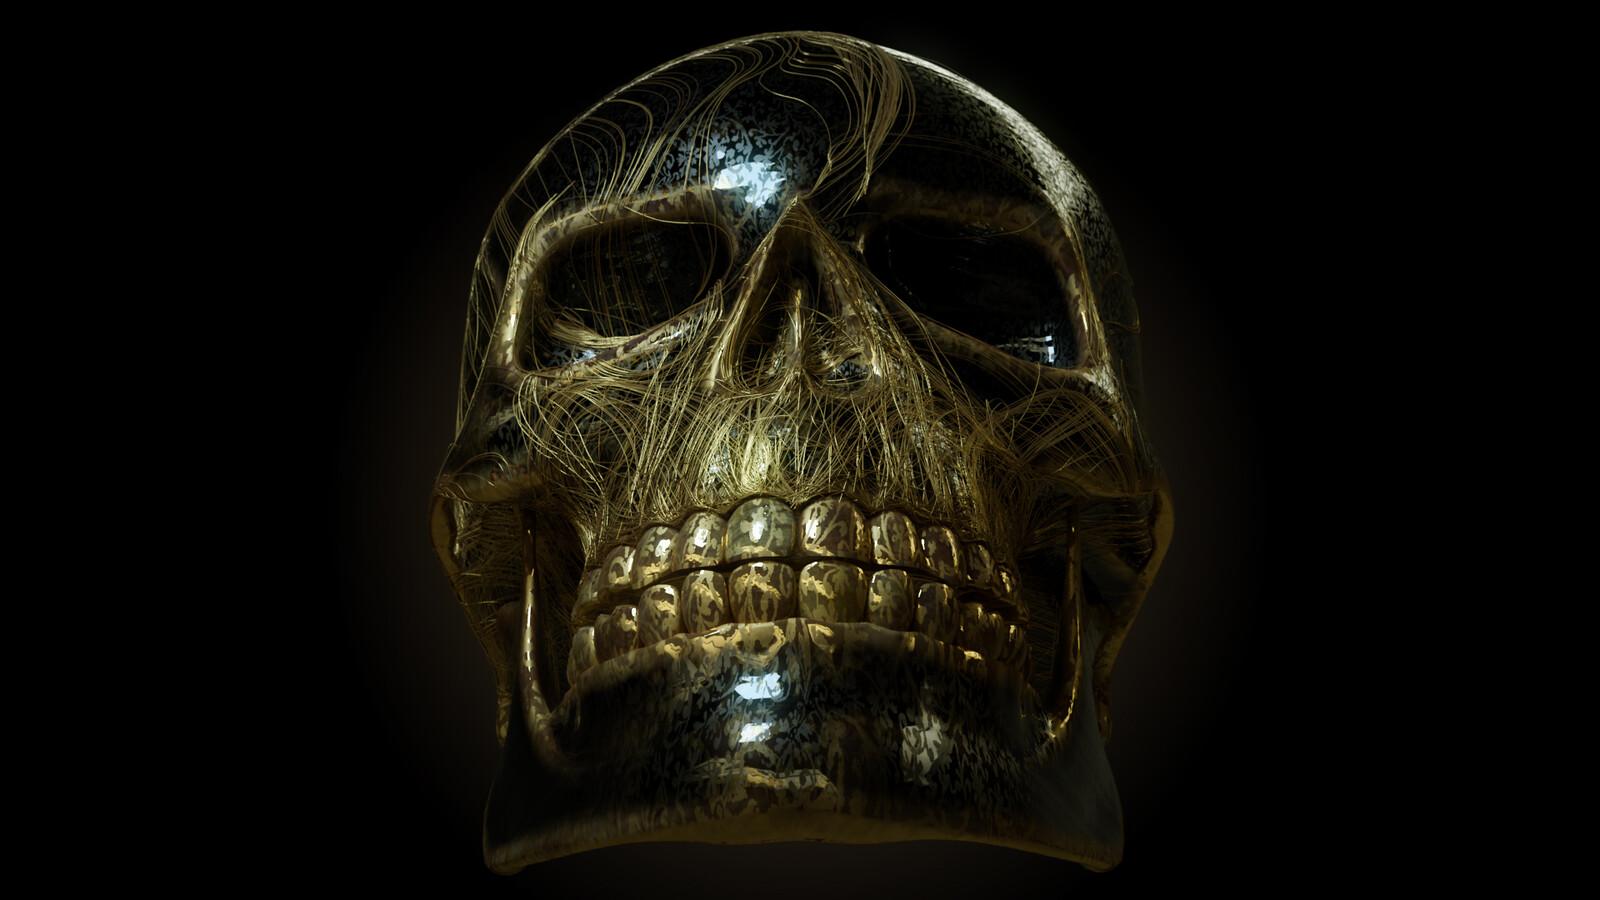 Octane skull